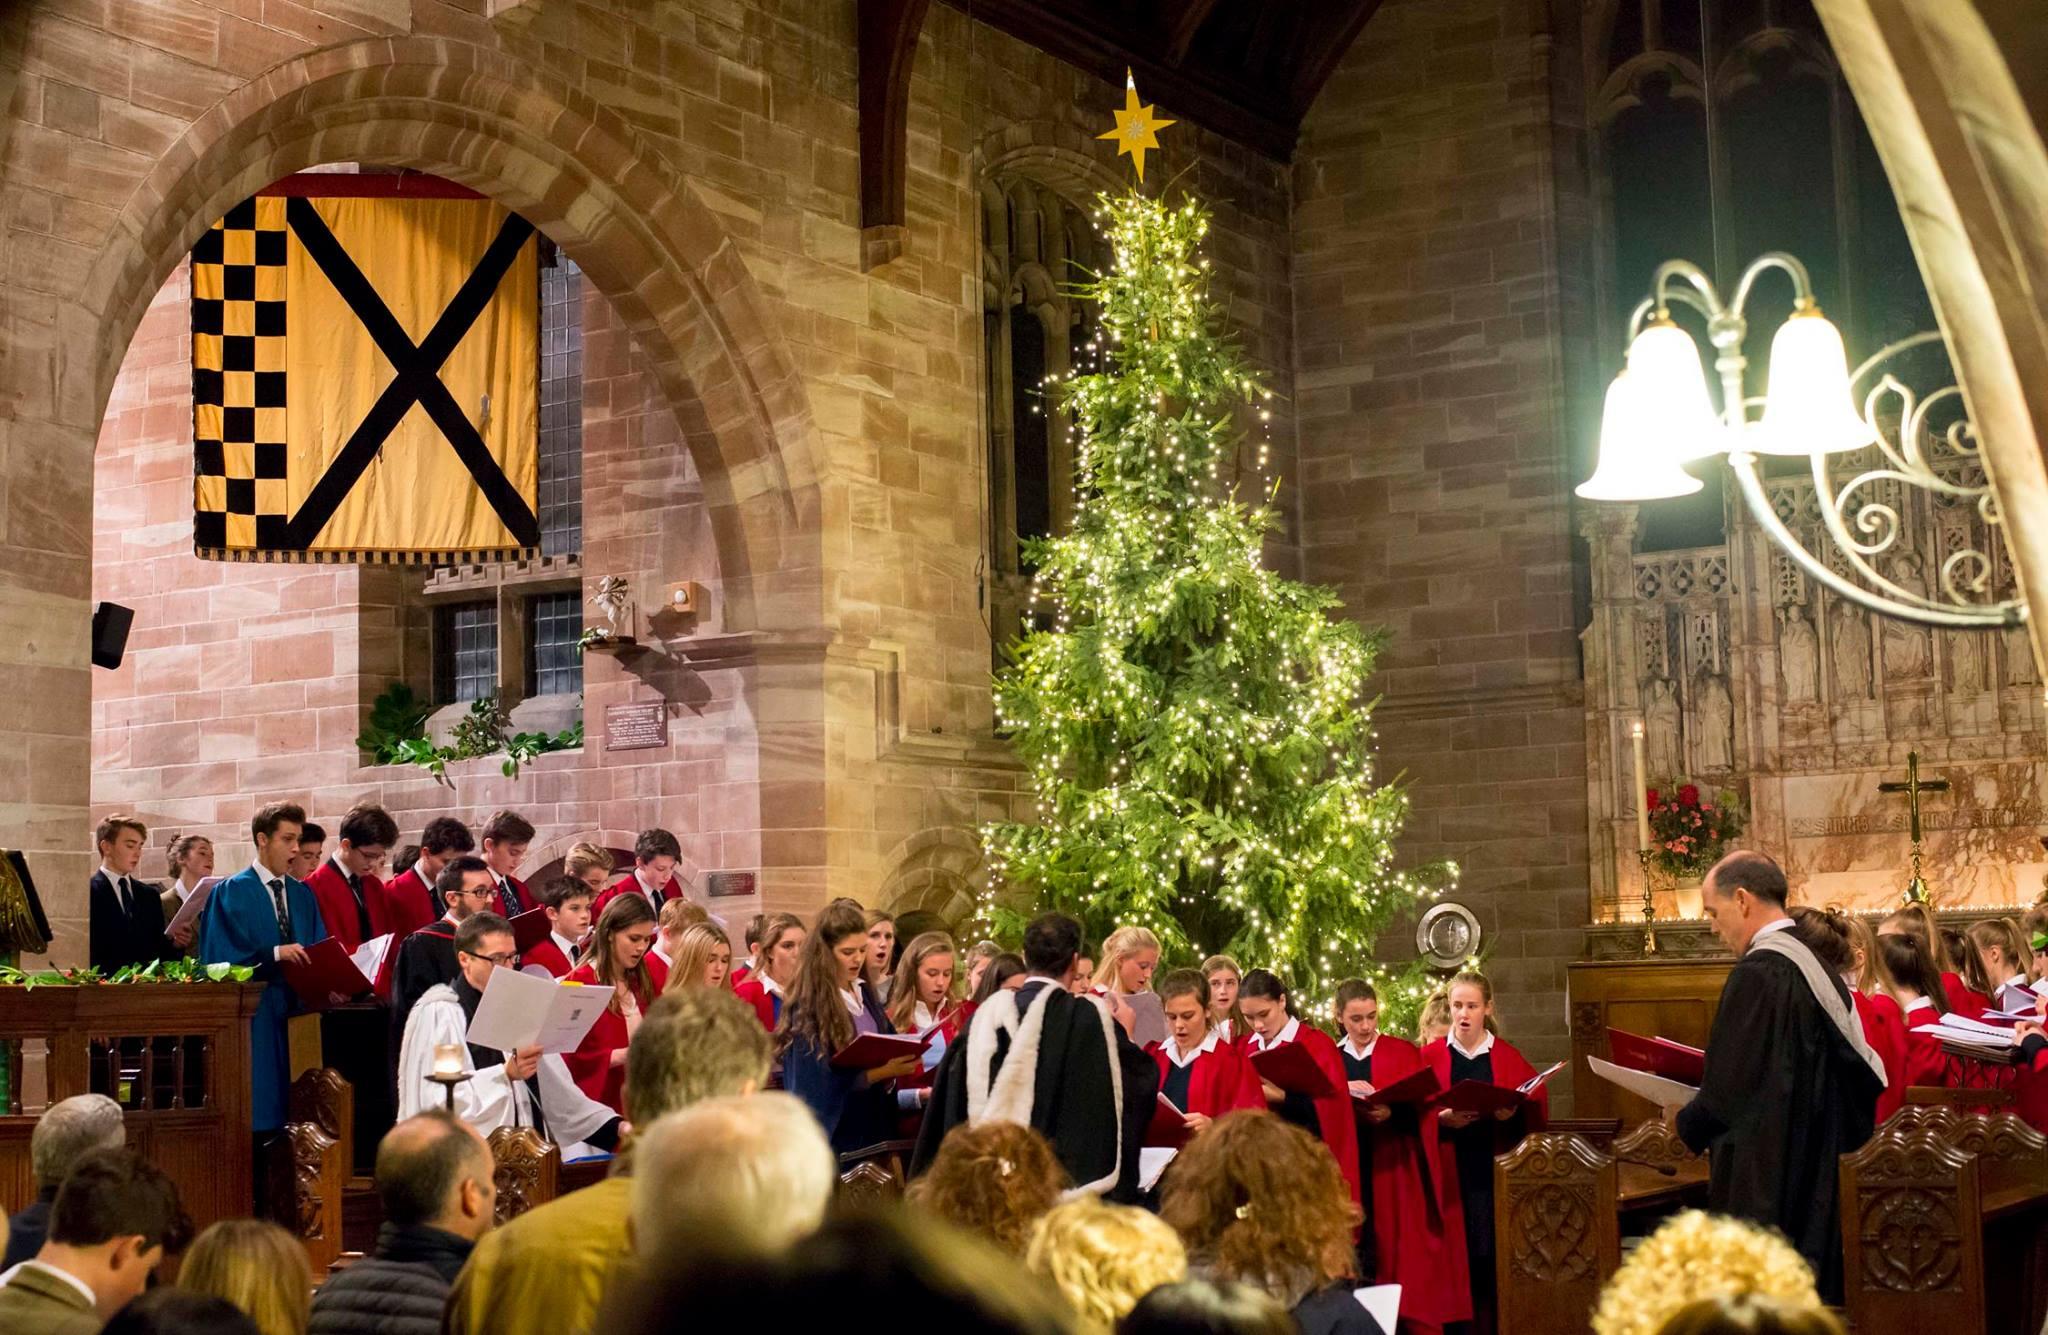 Weihnachtsgrüße von unseren Internaten in England › Petra heinemann ...